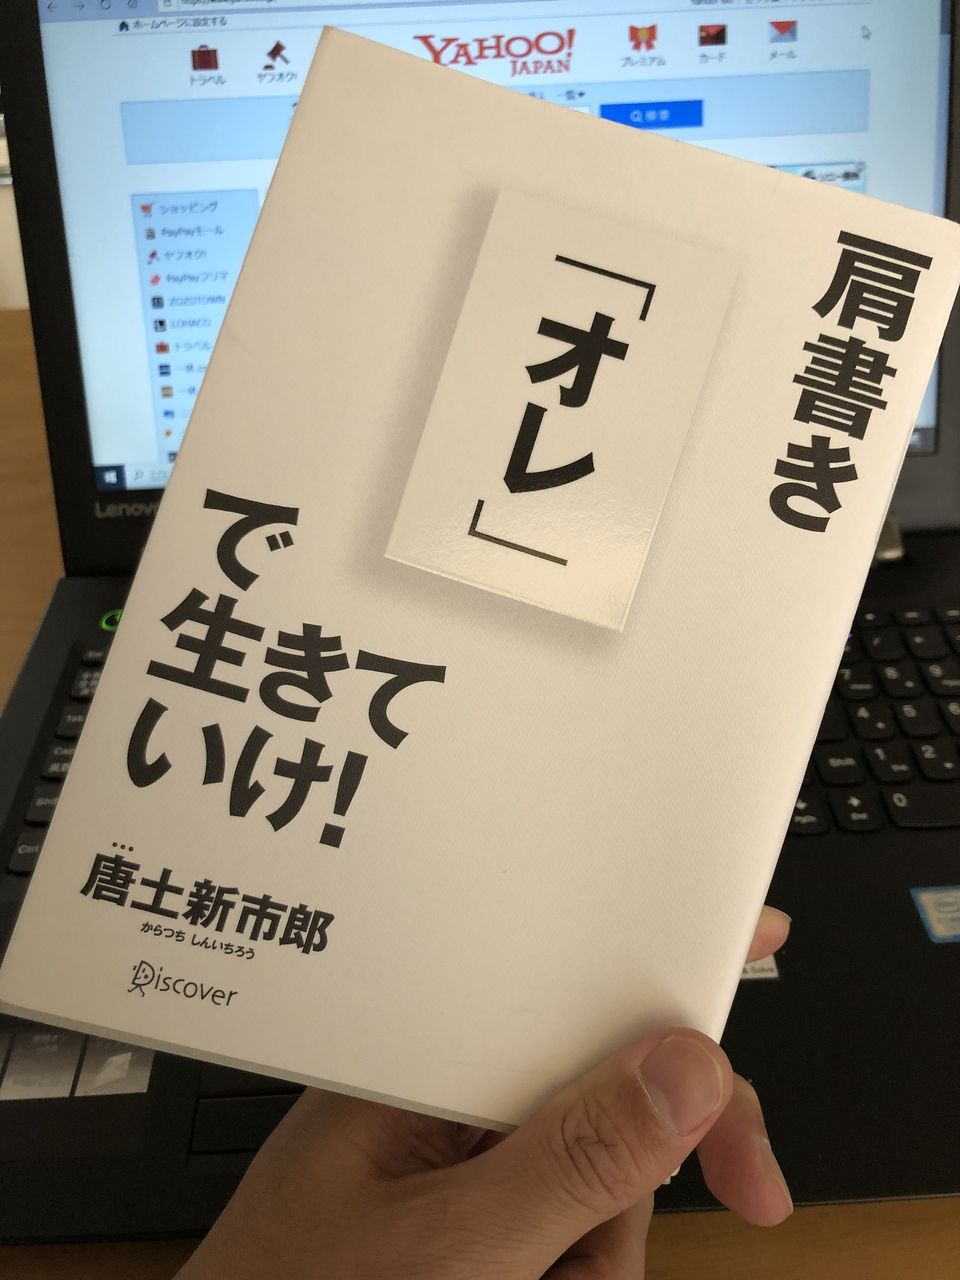 船井総合研究所出身の唐土新一郎さんの著書、肩書き「オレ」で生きていけ!